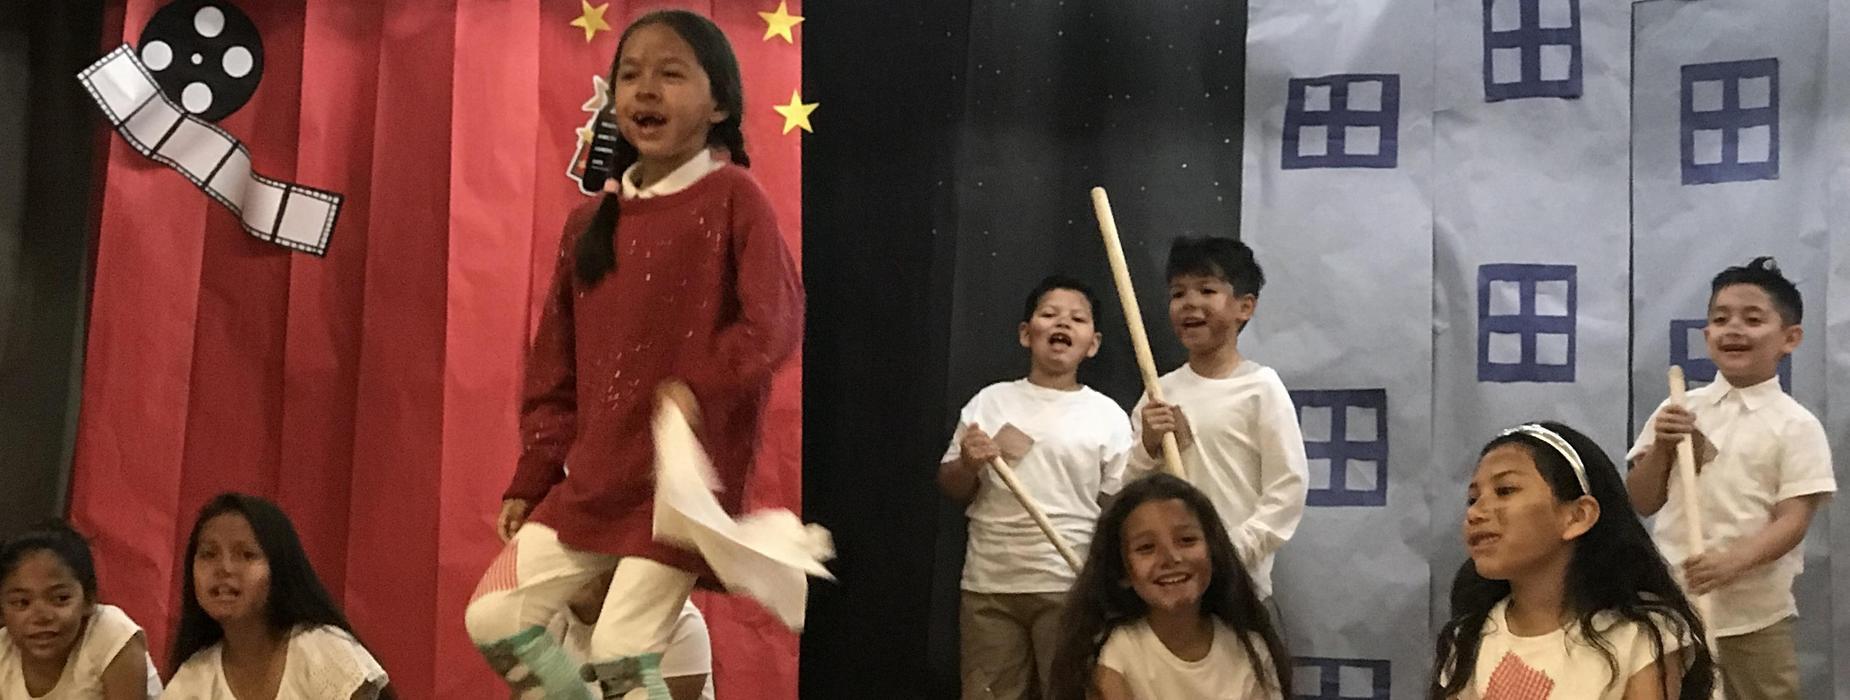 Orphan Annie Musical